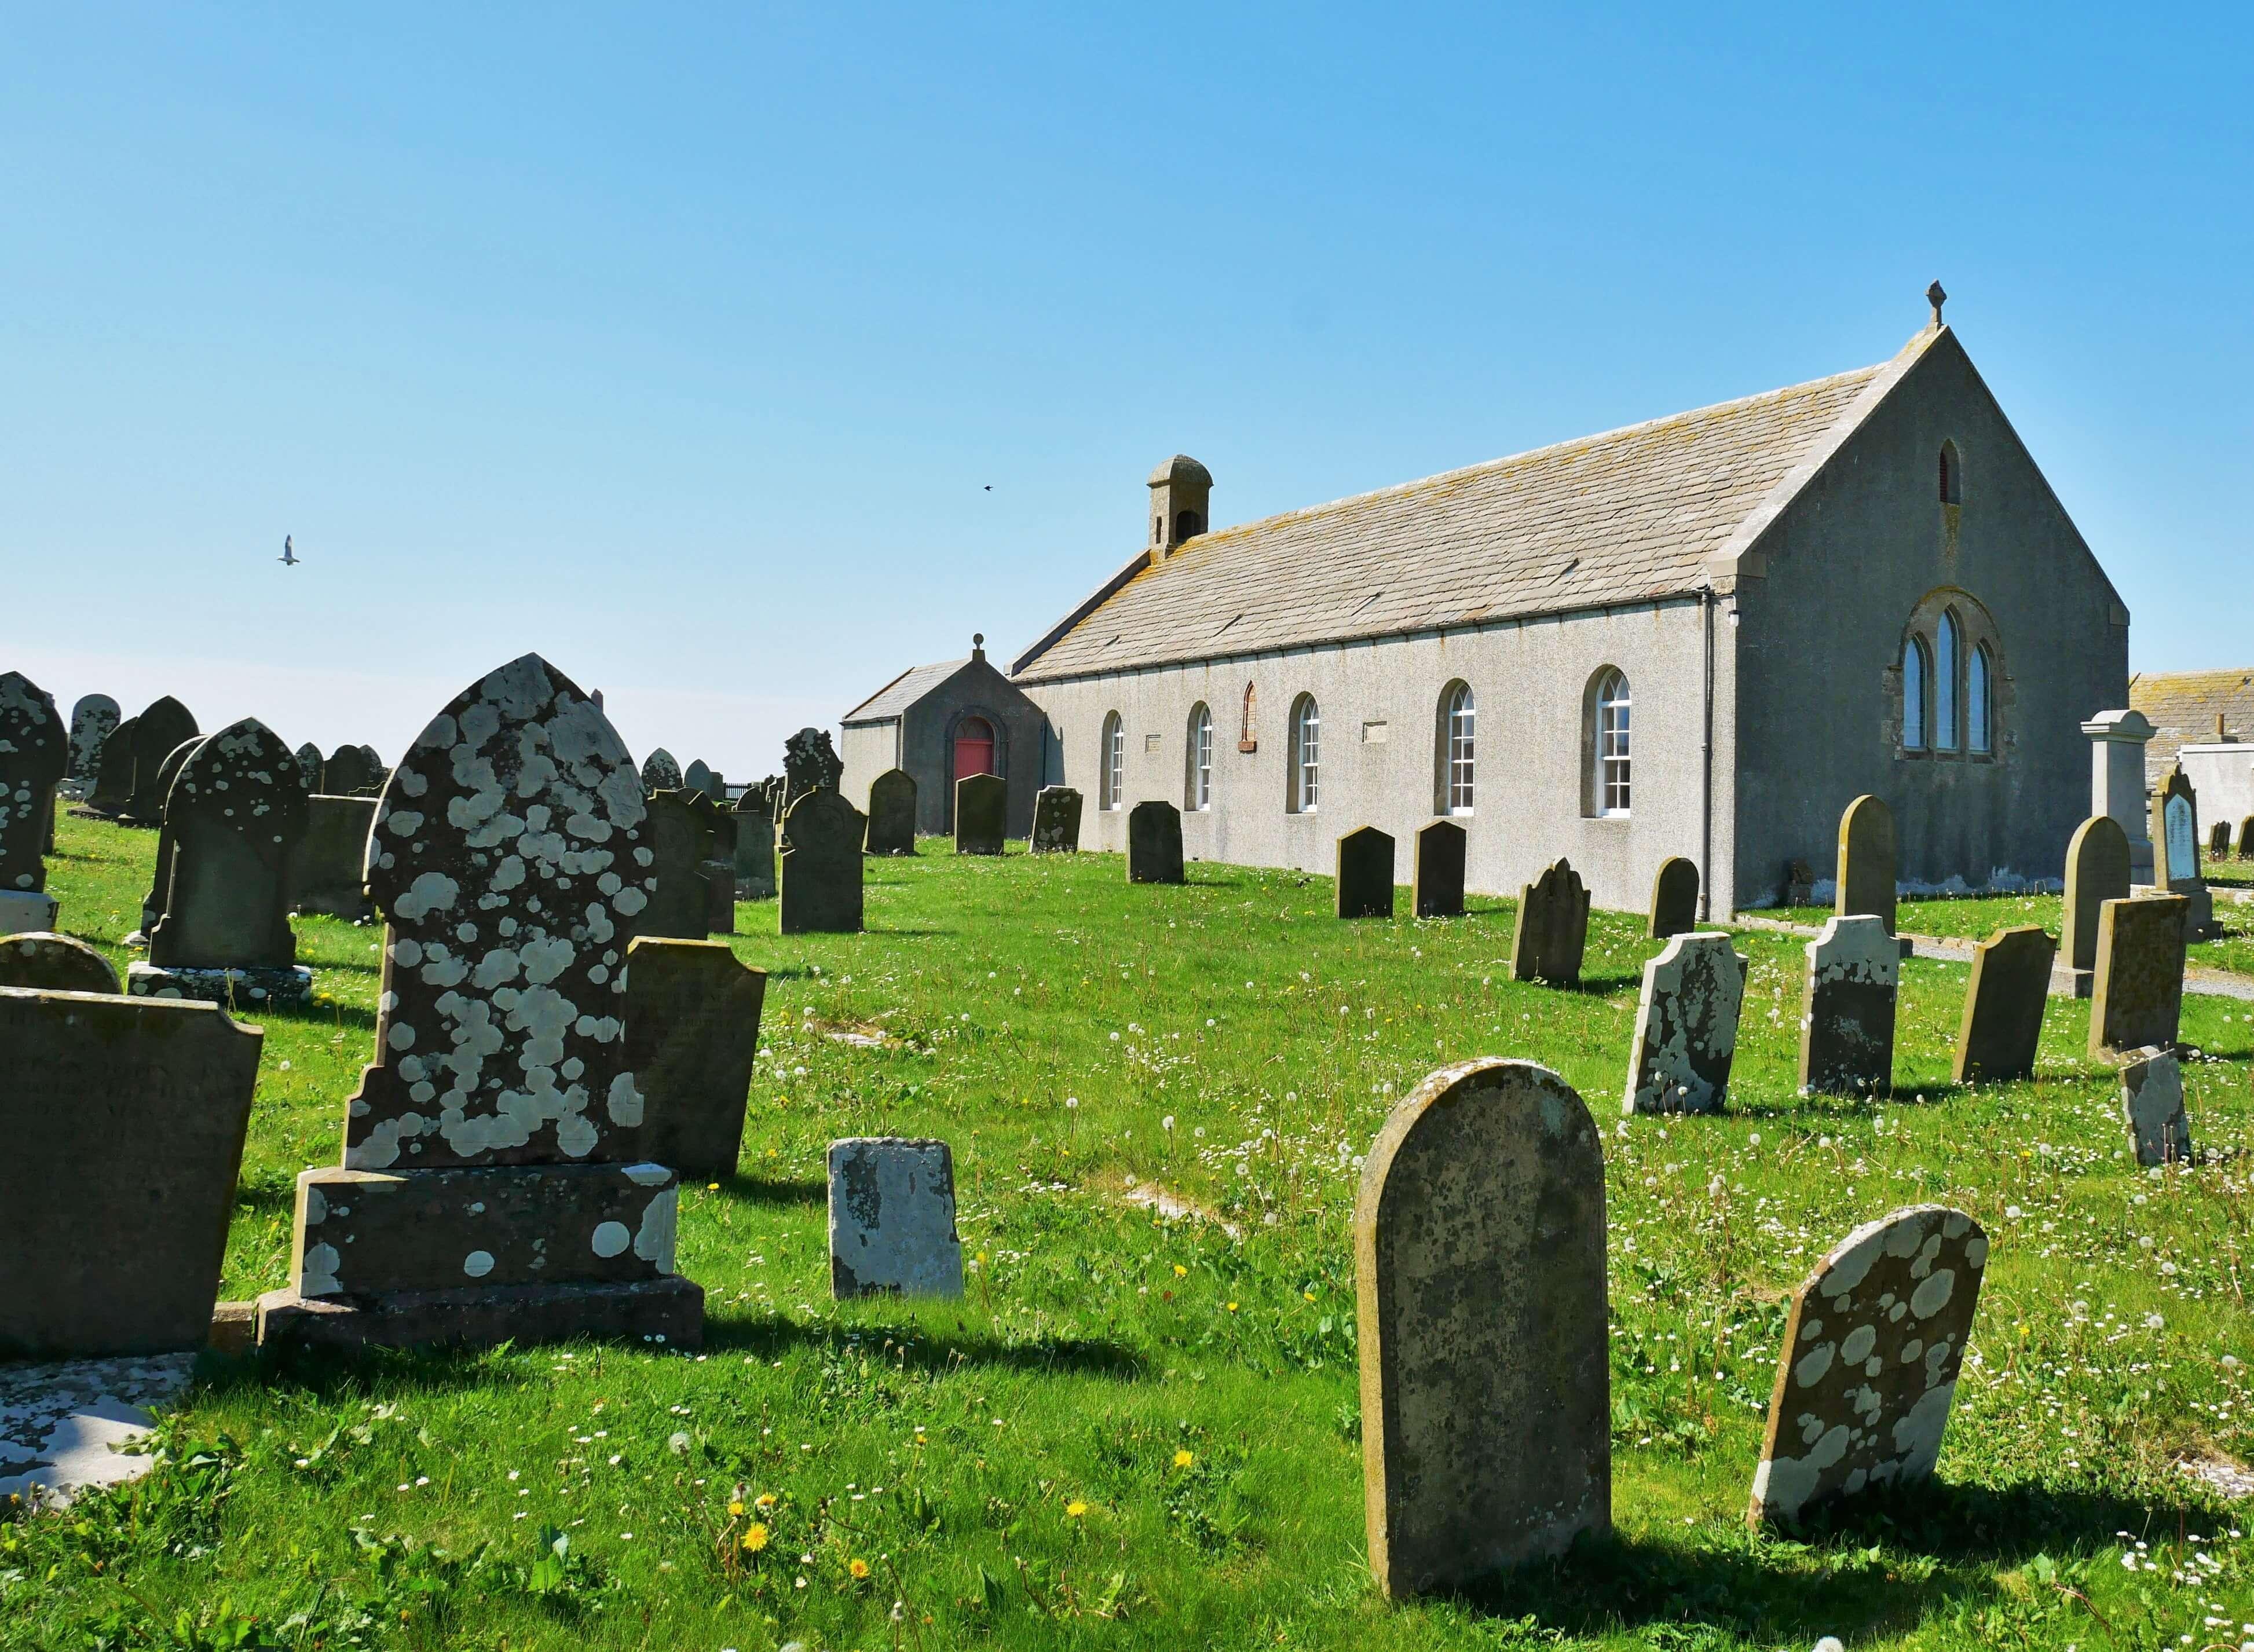 St Magnus Kirk, Birsay, Orkney Islands, Scotland - Orkneyology.com